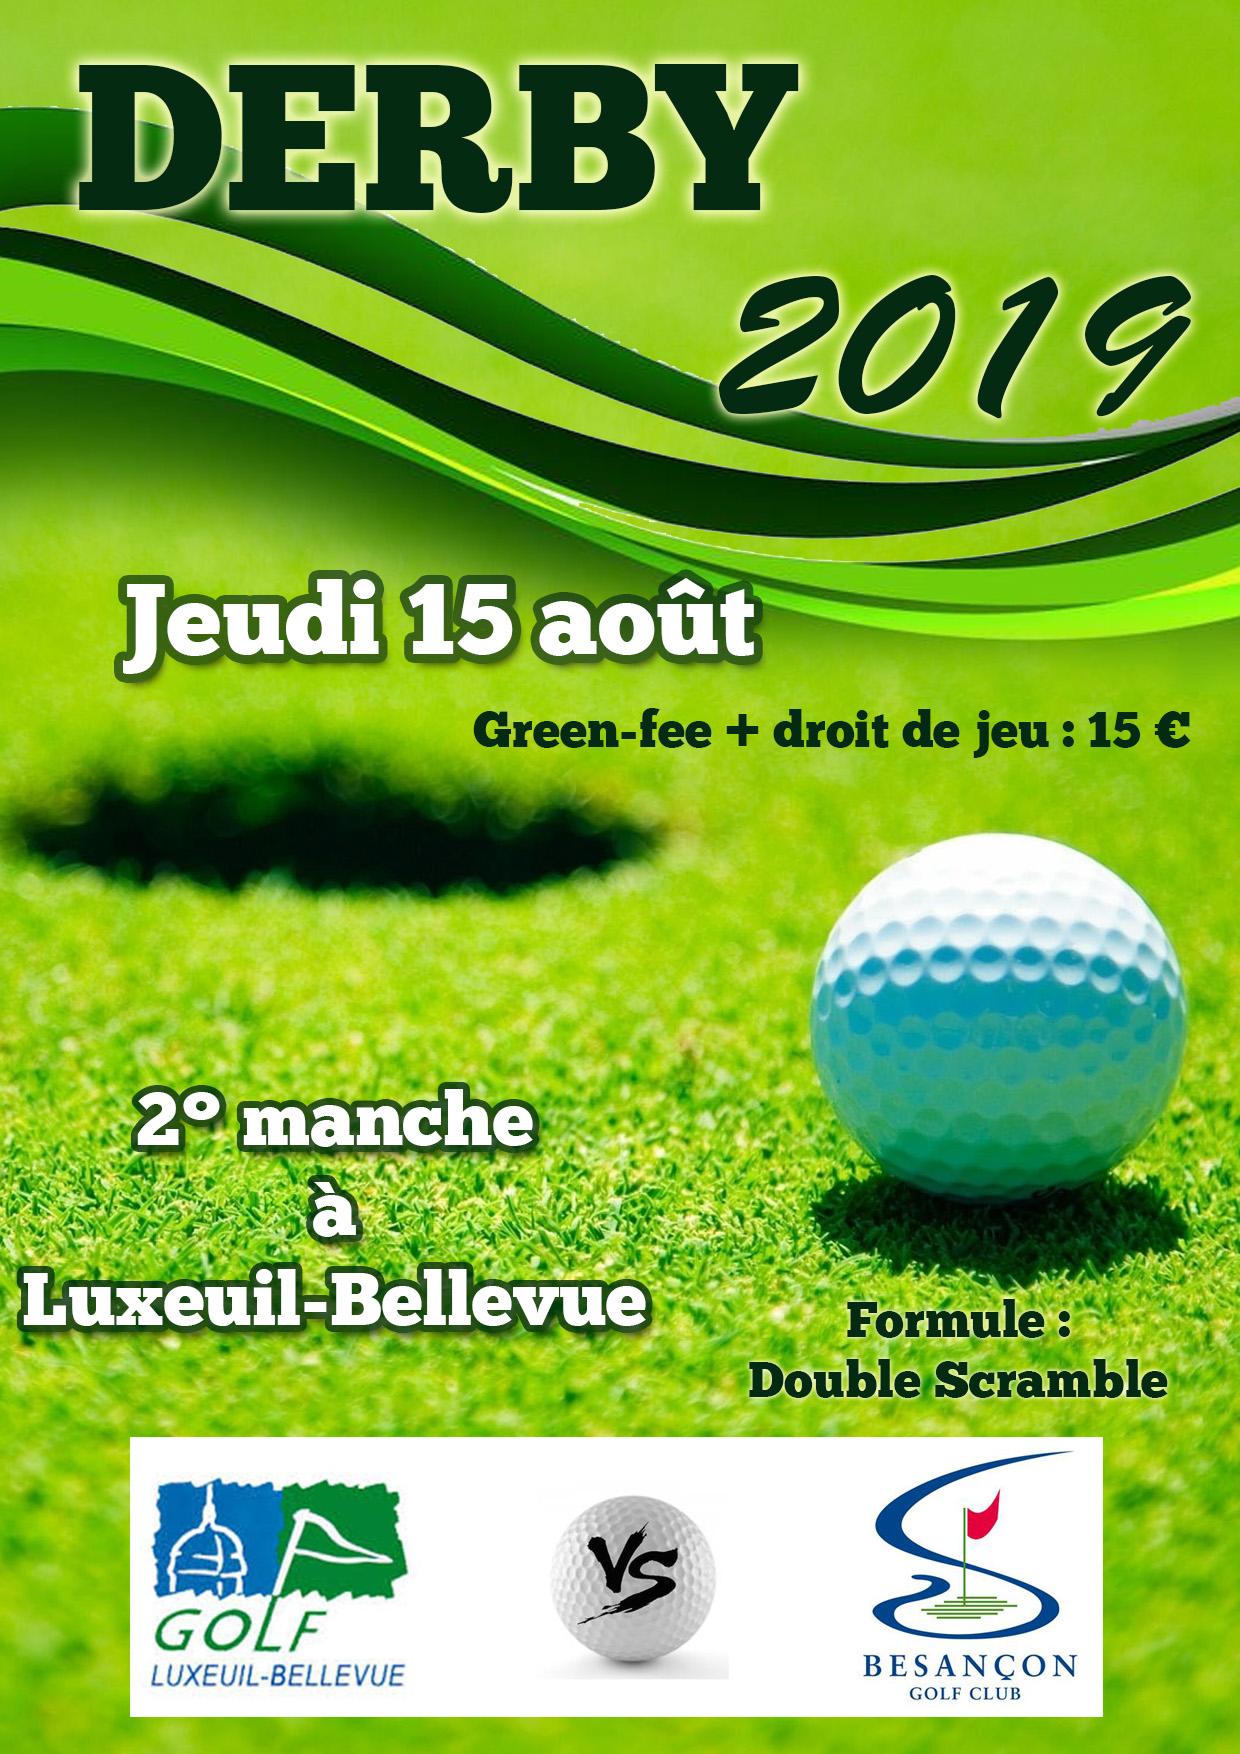 Golf de Luxeuil-Bellevue - Actualités - Derby Besançon